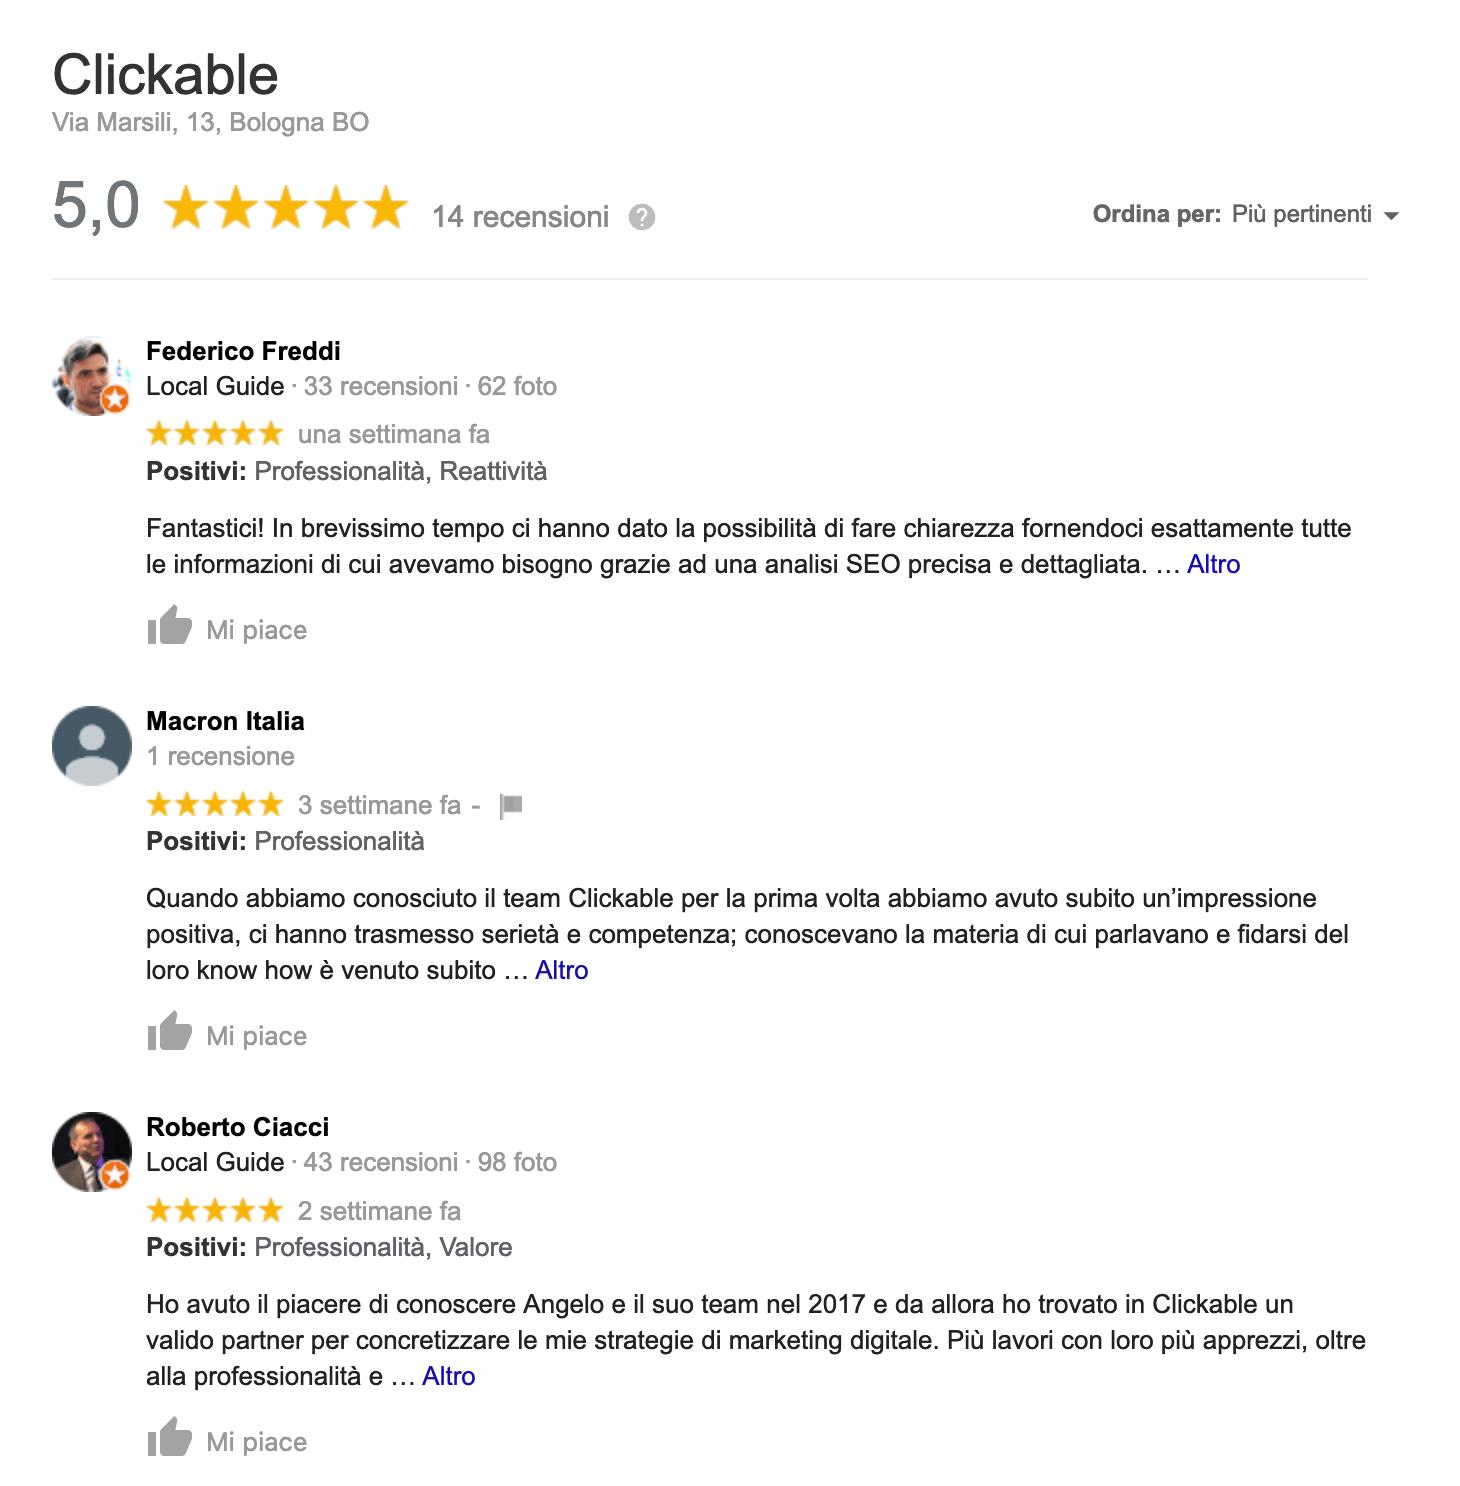 google-recensioni-clickable-def.png